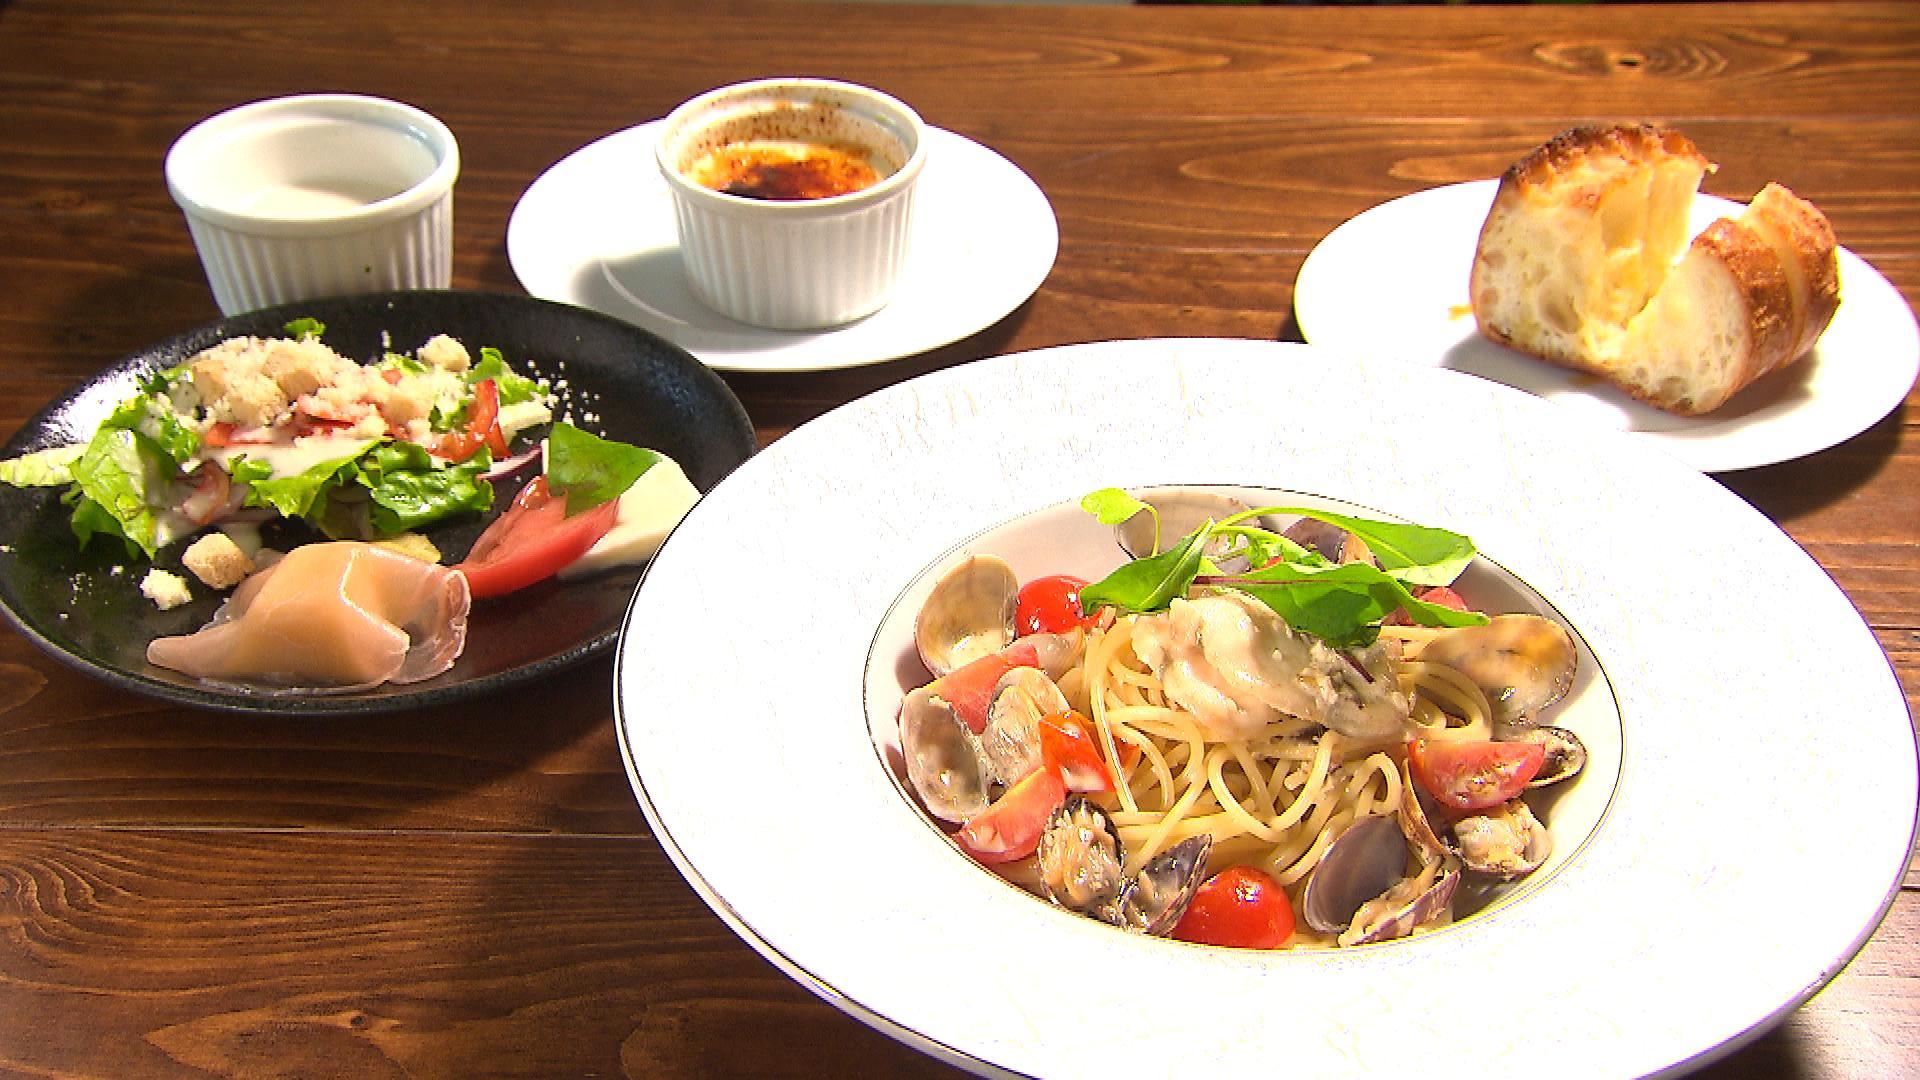 廣島蝶鮫(チョウザメ)を使ったアンチョビクリームソーススパゲッティ ランチセット(1,980円)※季節によってメニューは変わります